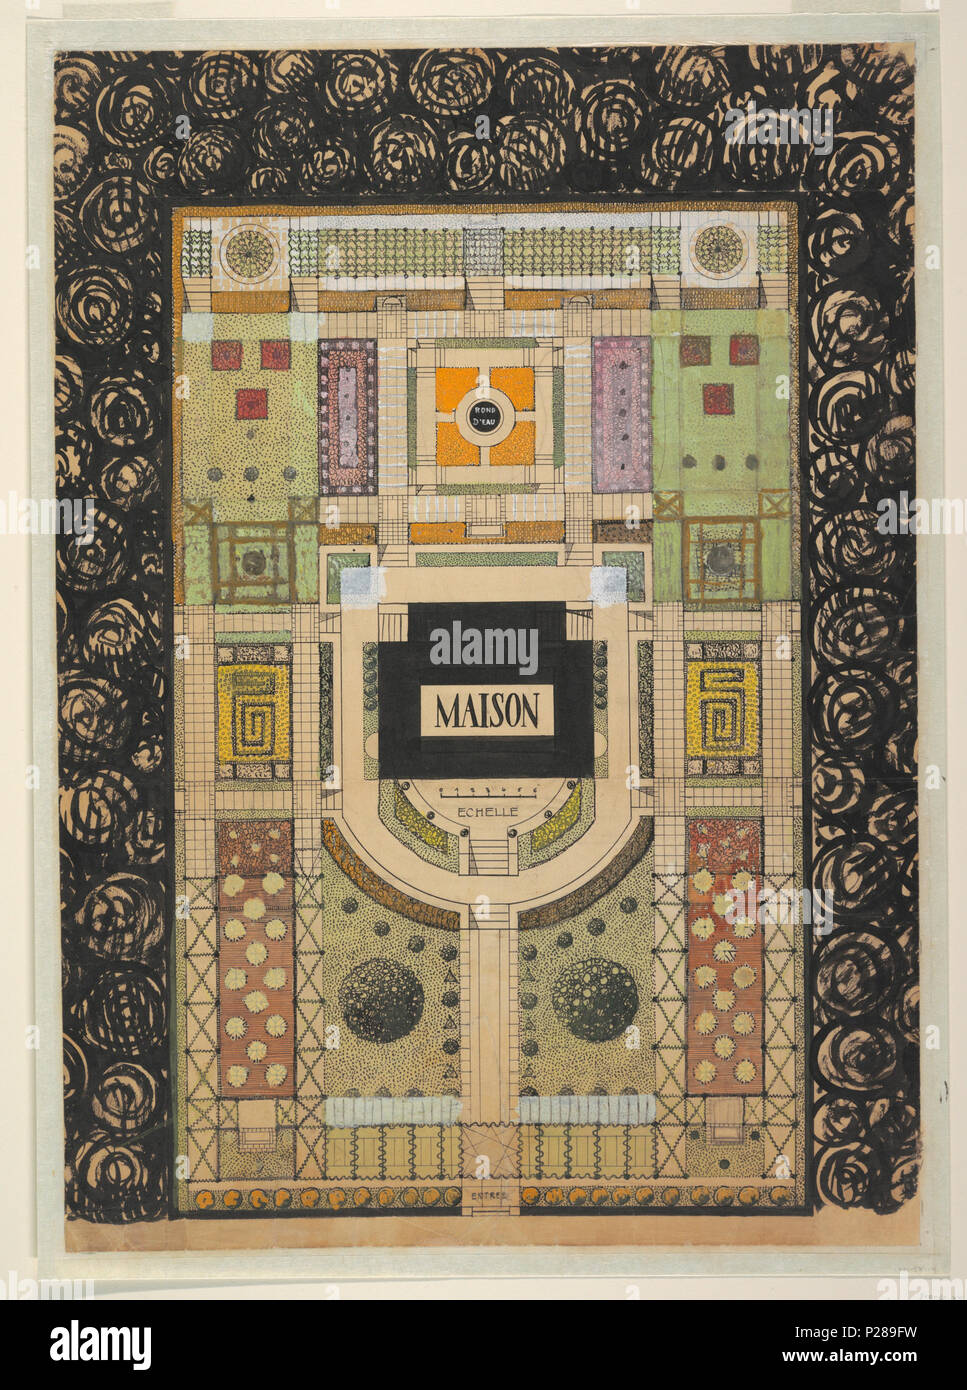 Englisch Zeichnung Jardin Damour Grundriss Für Ein Haus Und